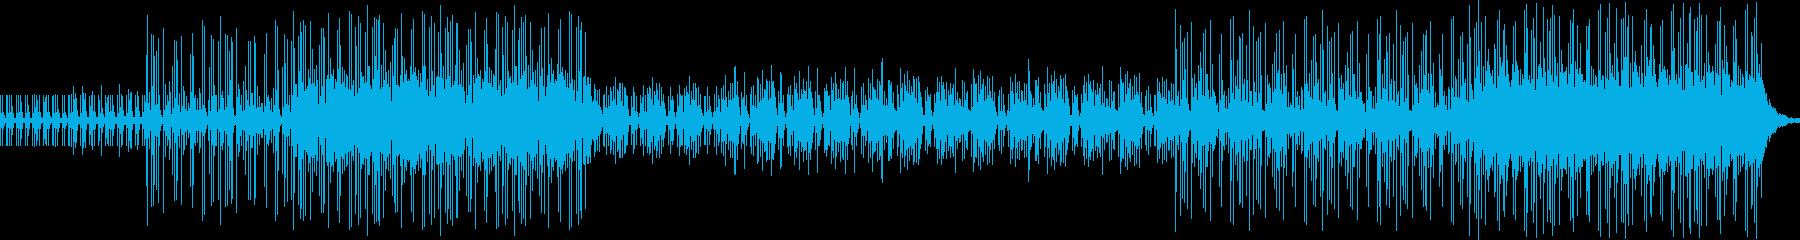 インストゥルメンタル、イージーリス...の再生済みの波形